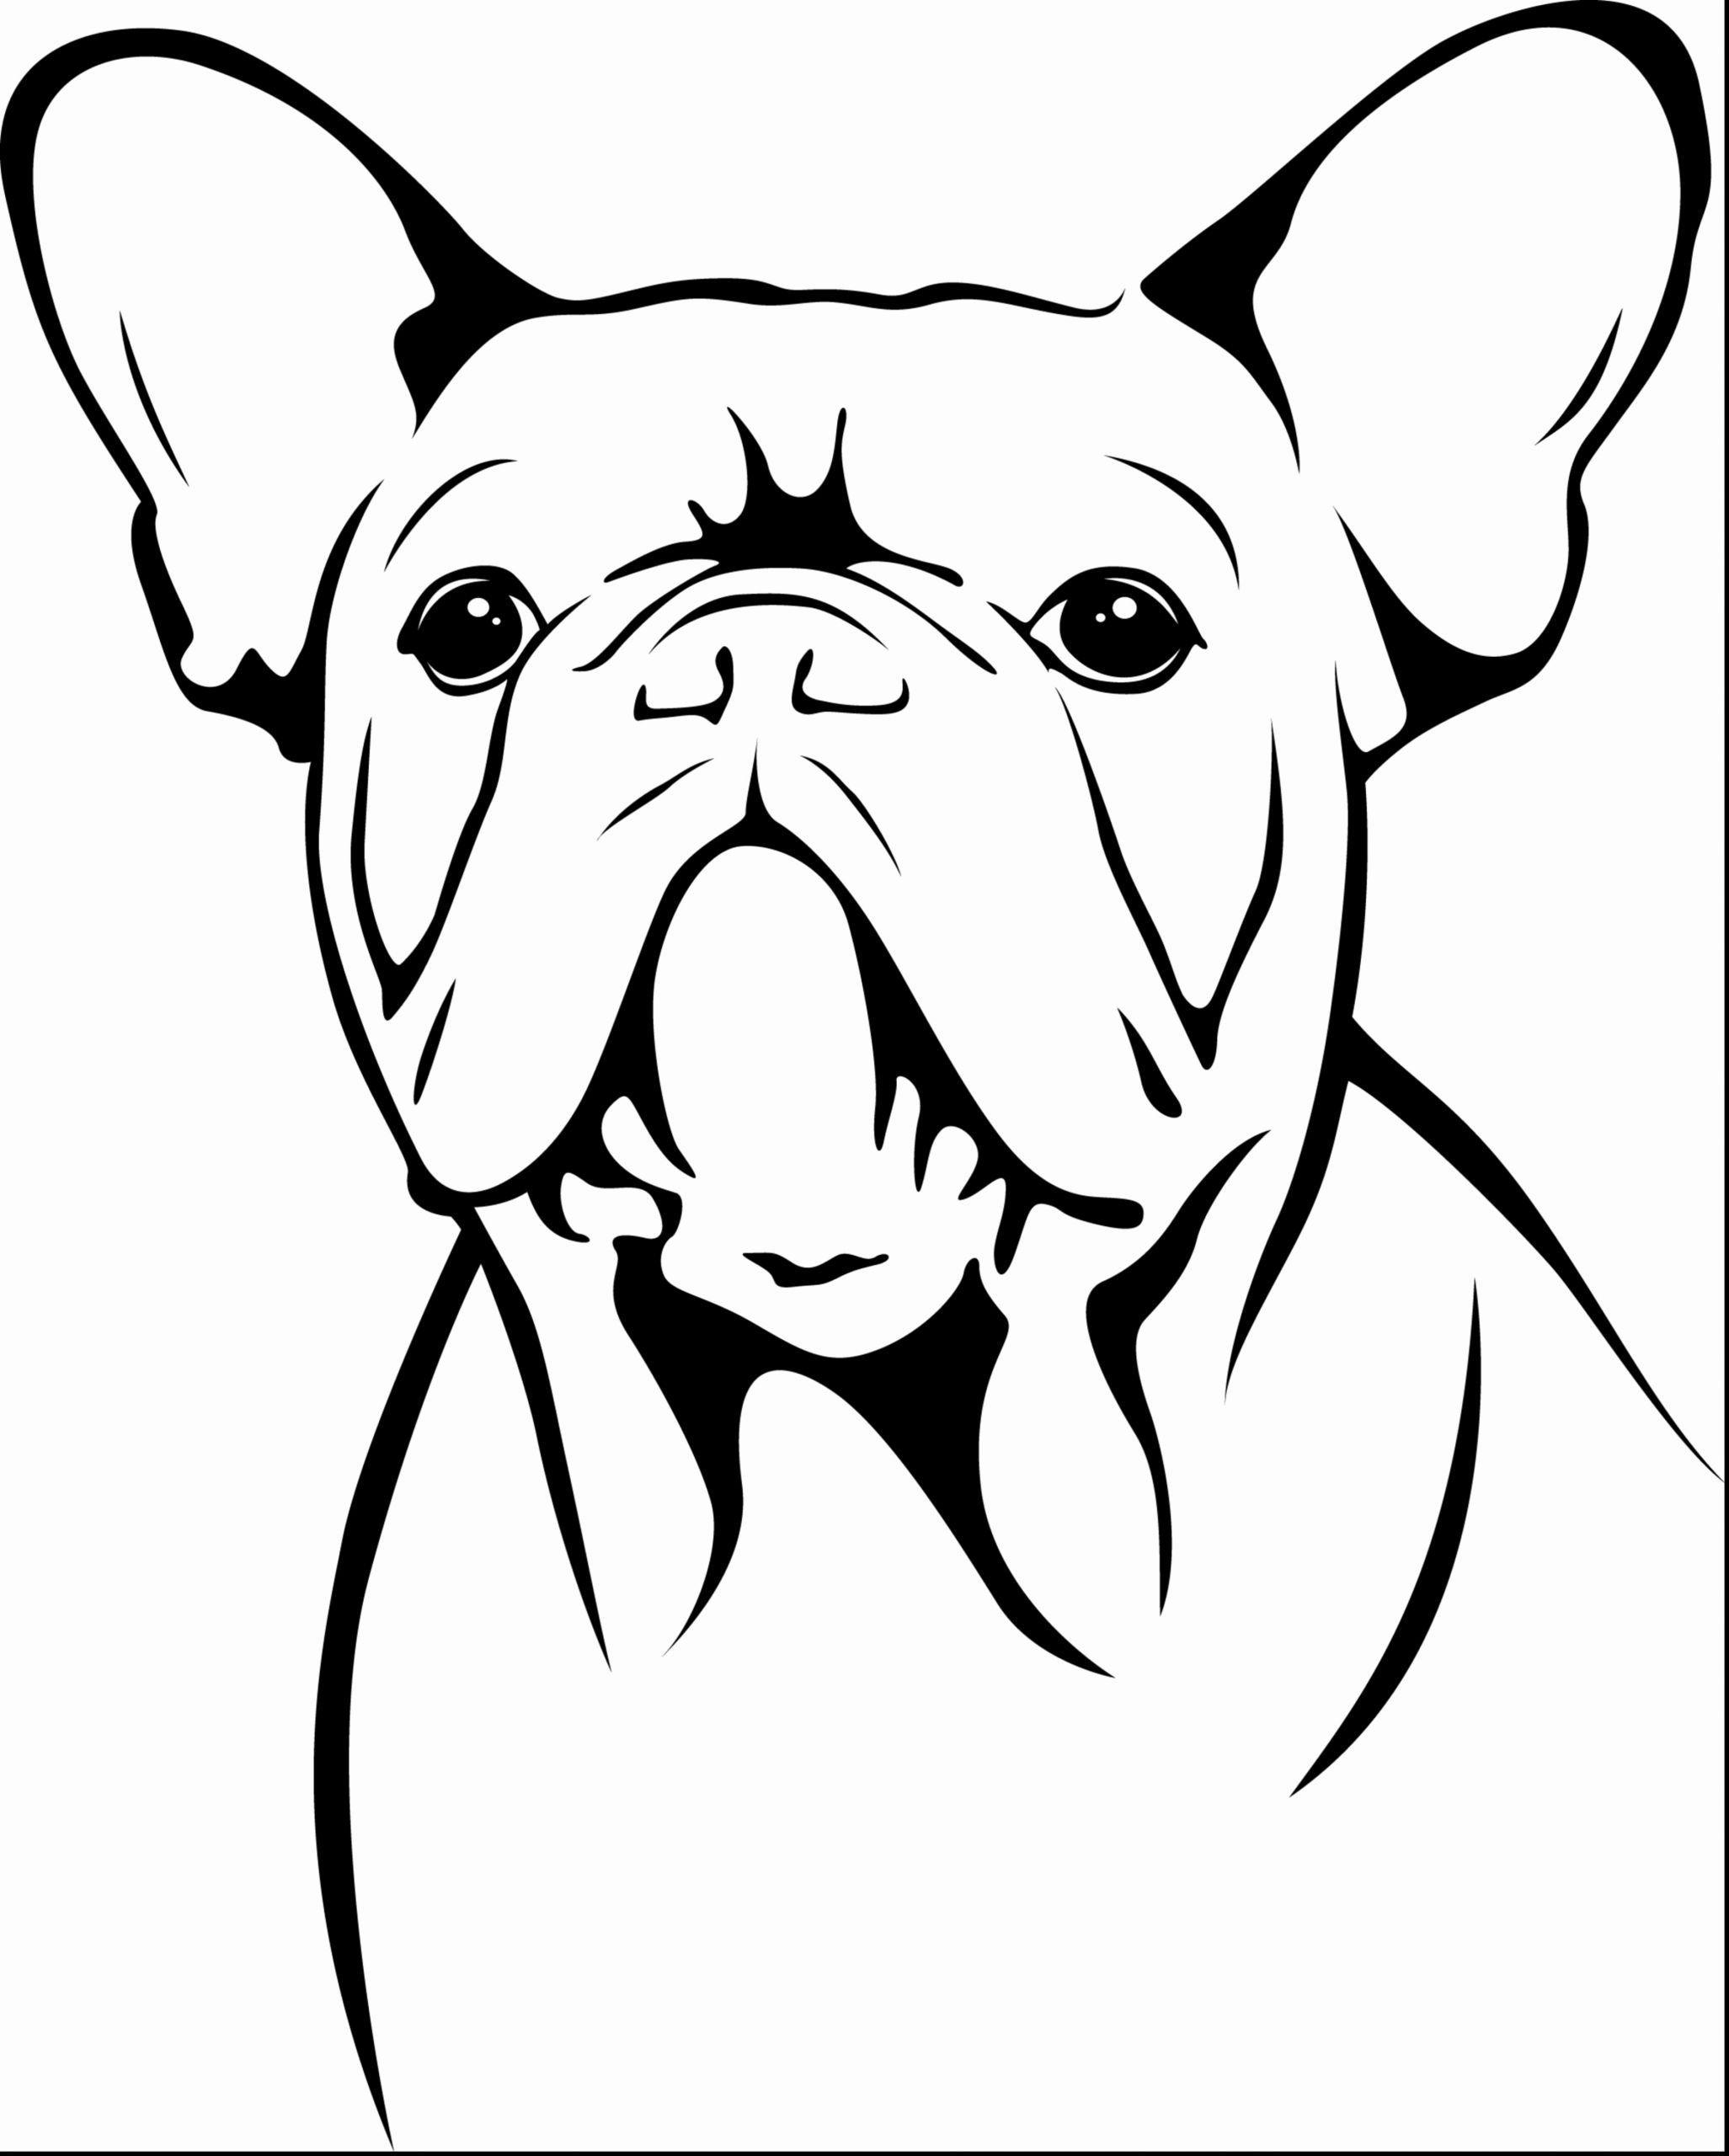 Bull Dog Coloring Page Beautiful American Bulldog Drawing